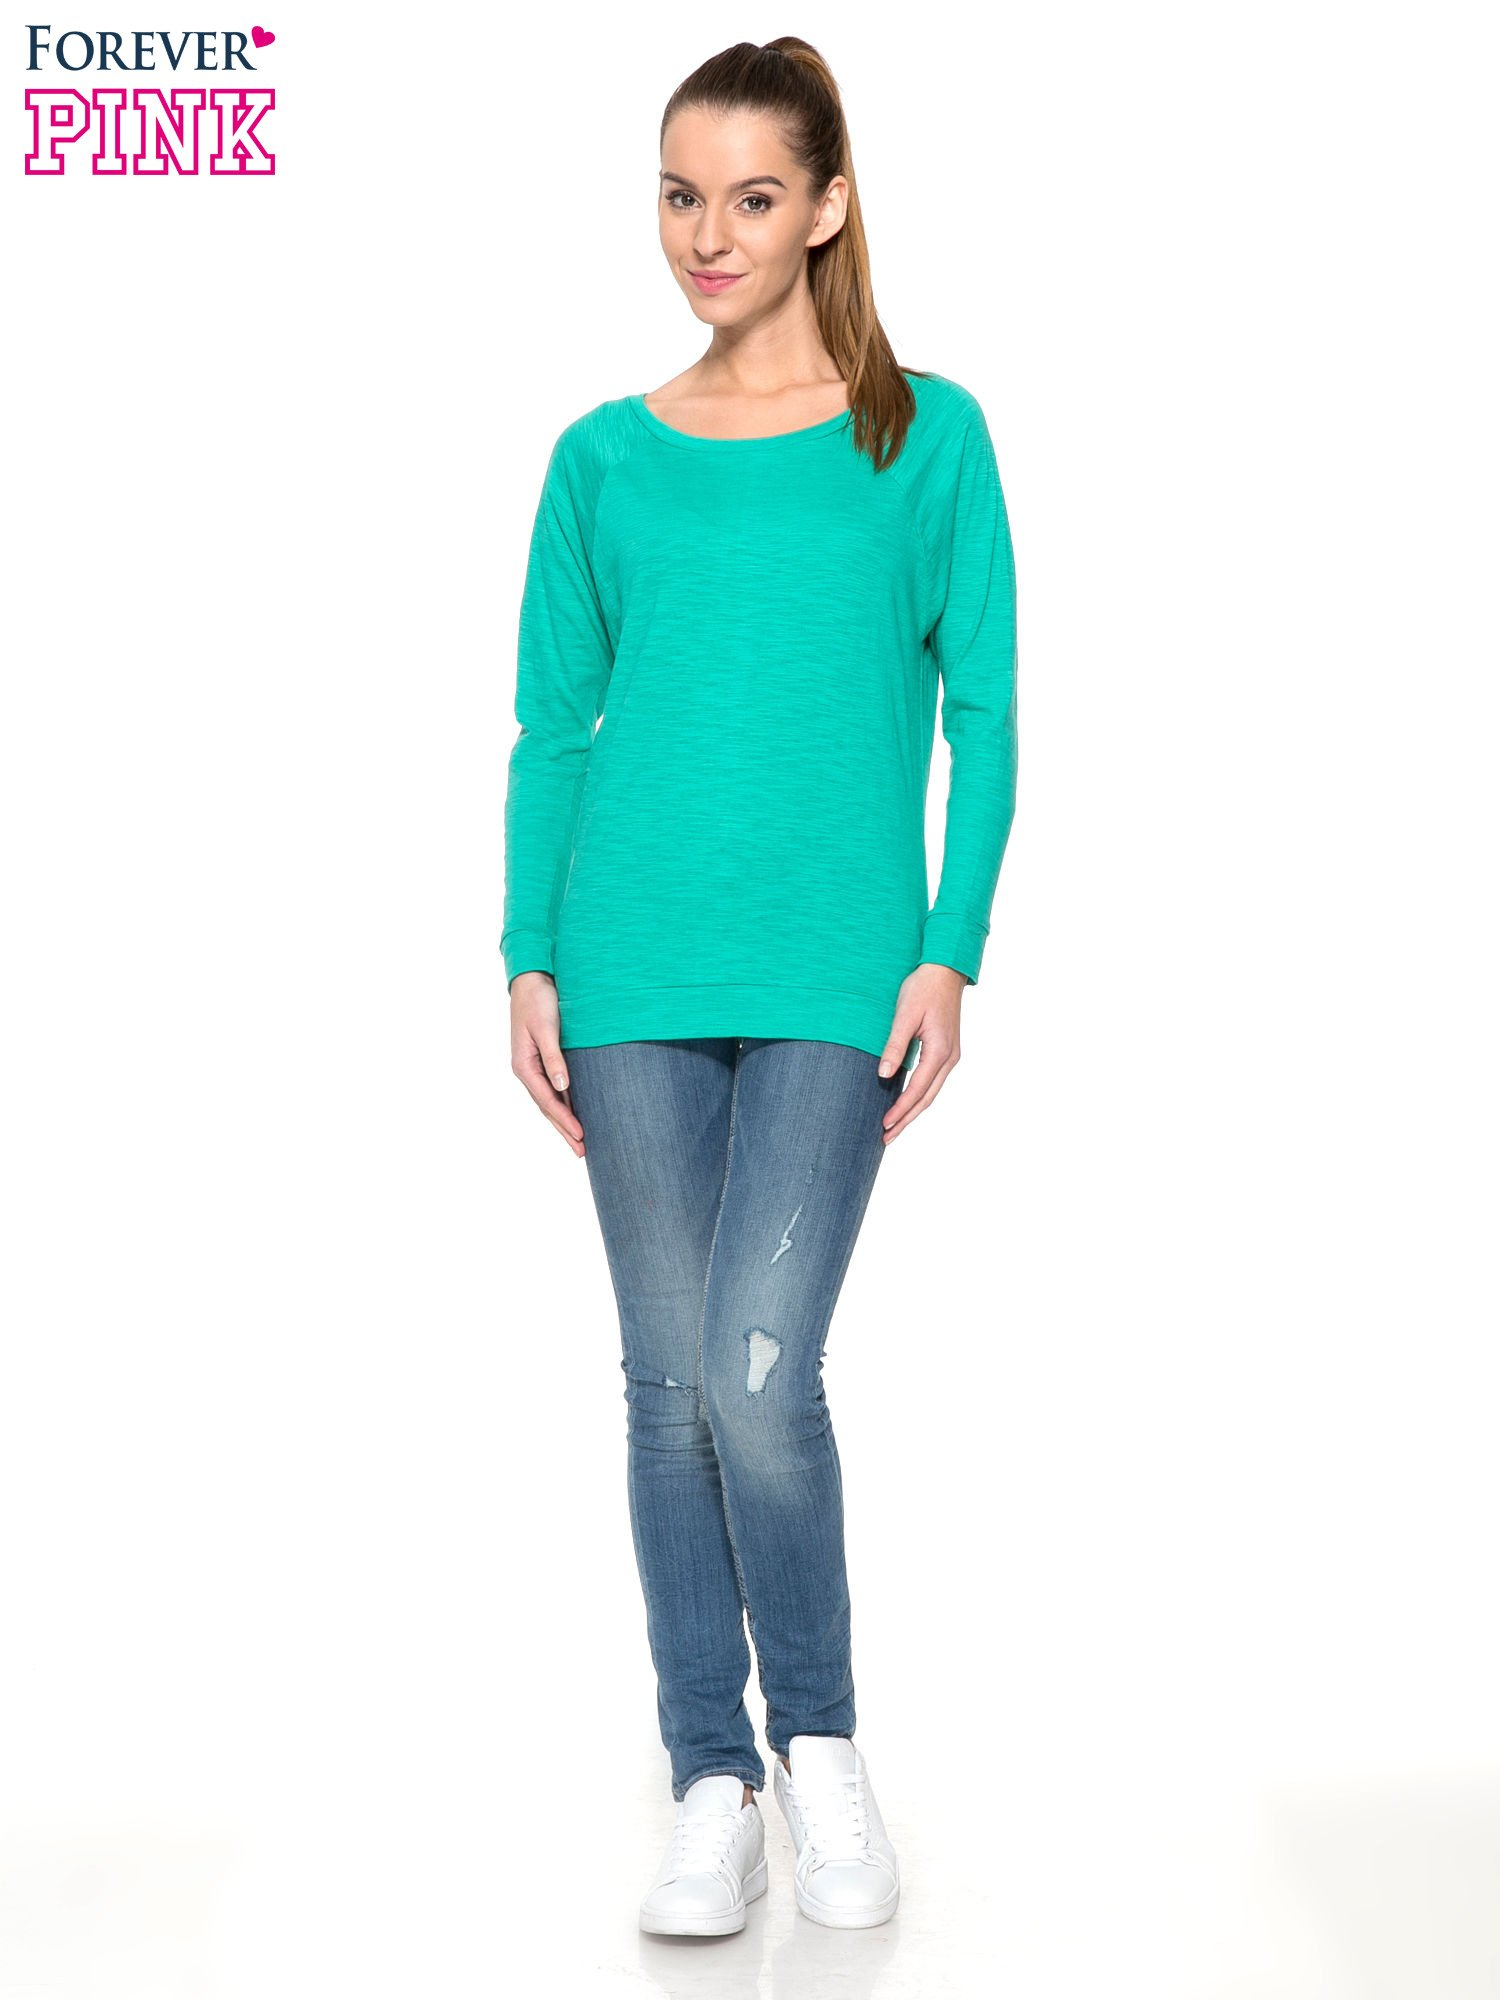 Zielona bawełniana bluzka z rękawami typu reglan                                  zdj.                                  2